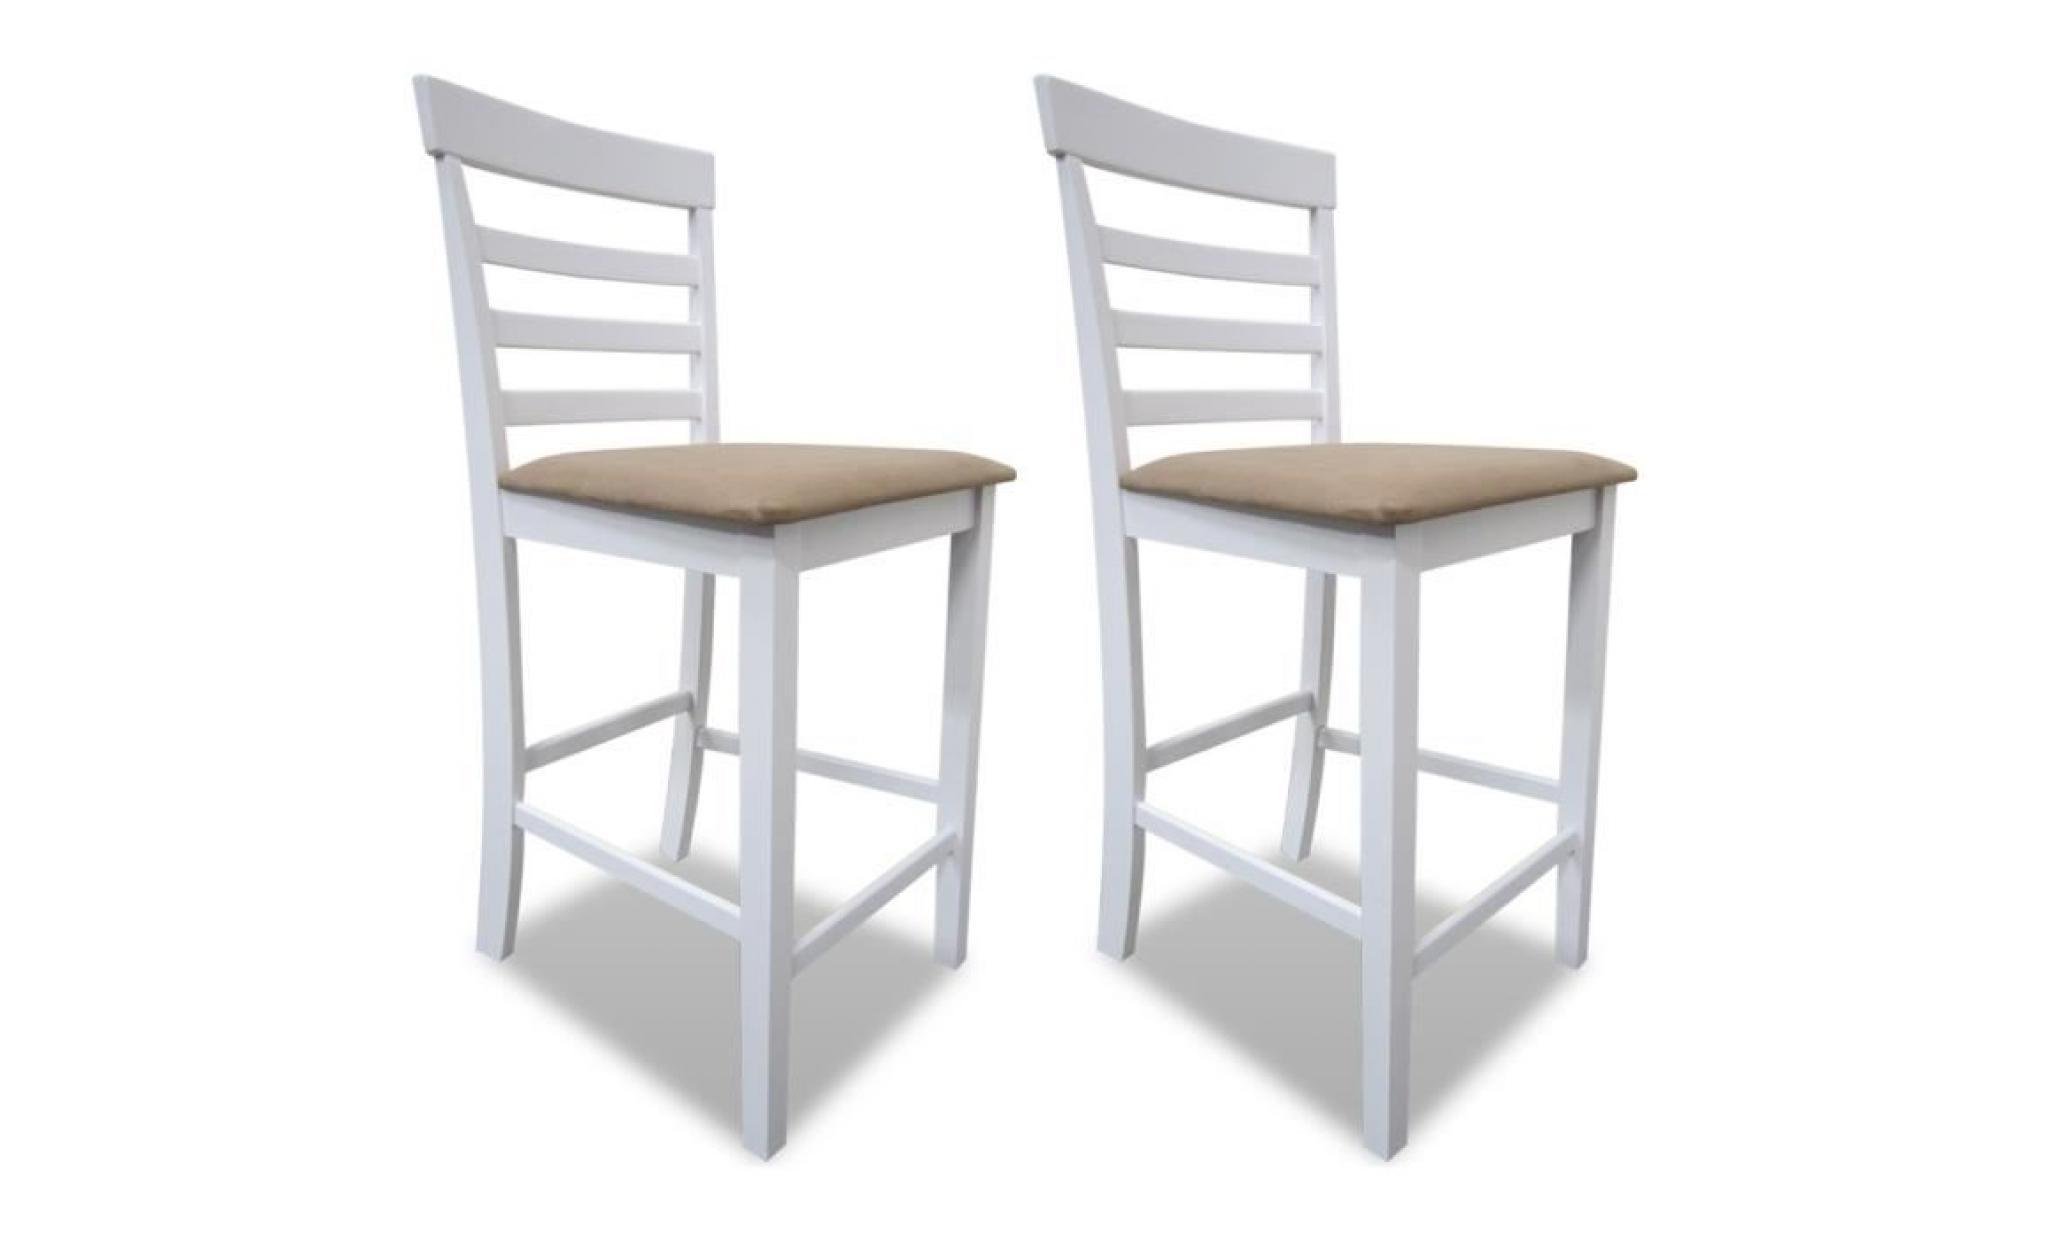 set de 6 chaises de bar en bois blanc/beige durable solide stable dans  salon bistrot haute qualité